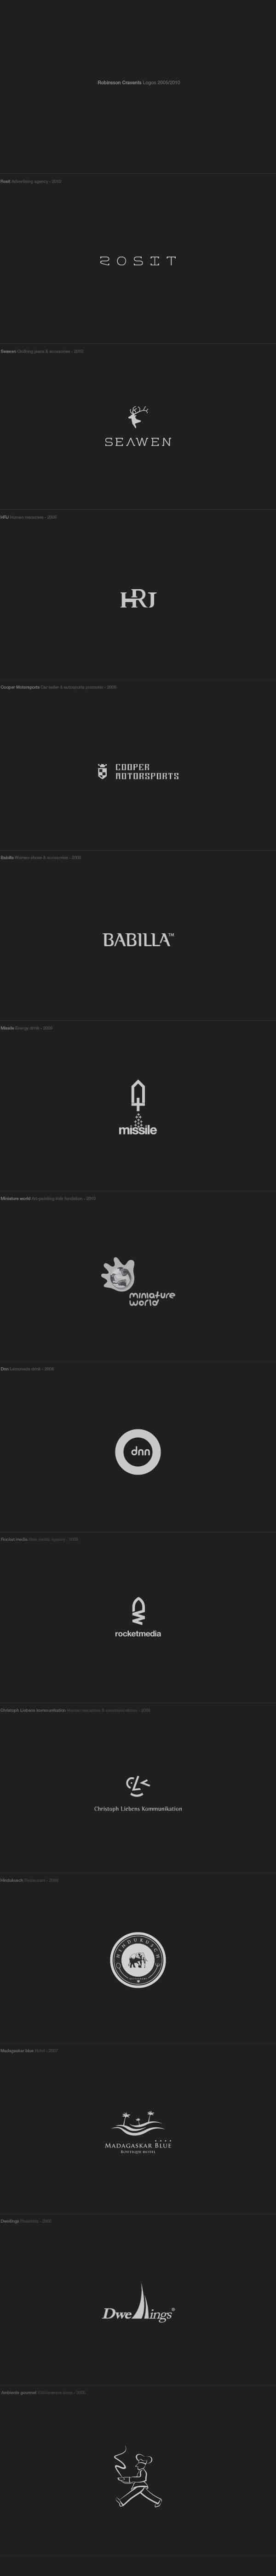 Logos 2005/2010